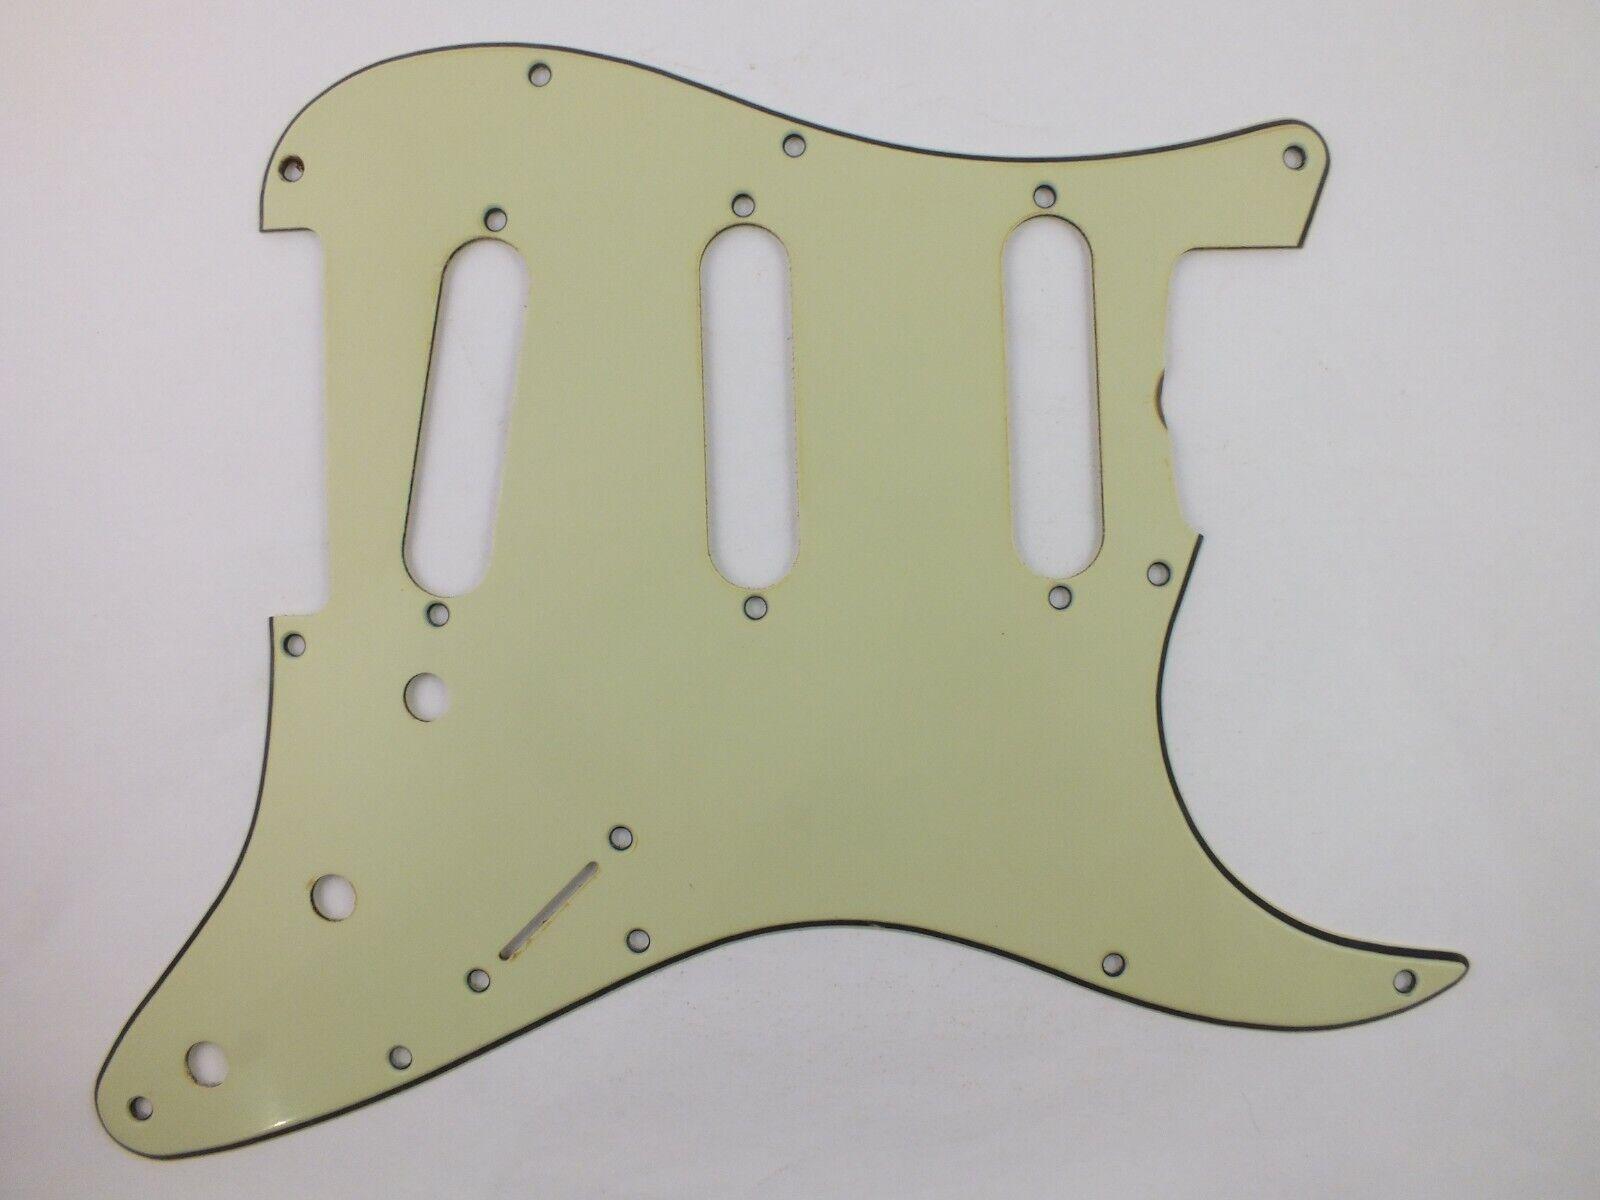 Aged NOS Mintgrün Schlagbrett  4 für 1964 USA Fender Stratocaster Gitarre